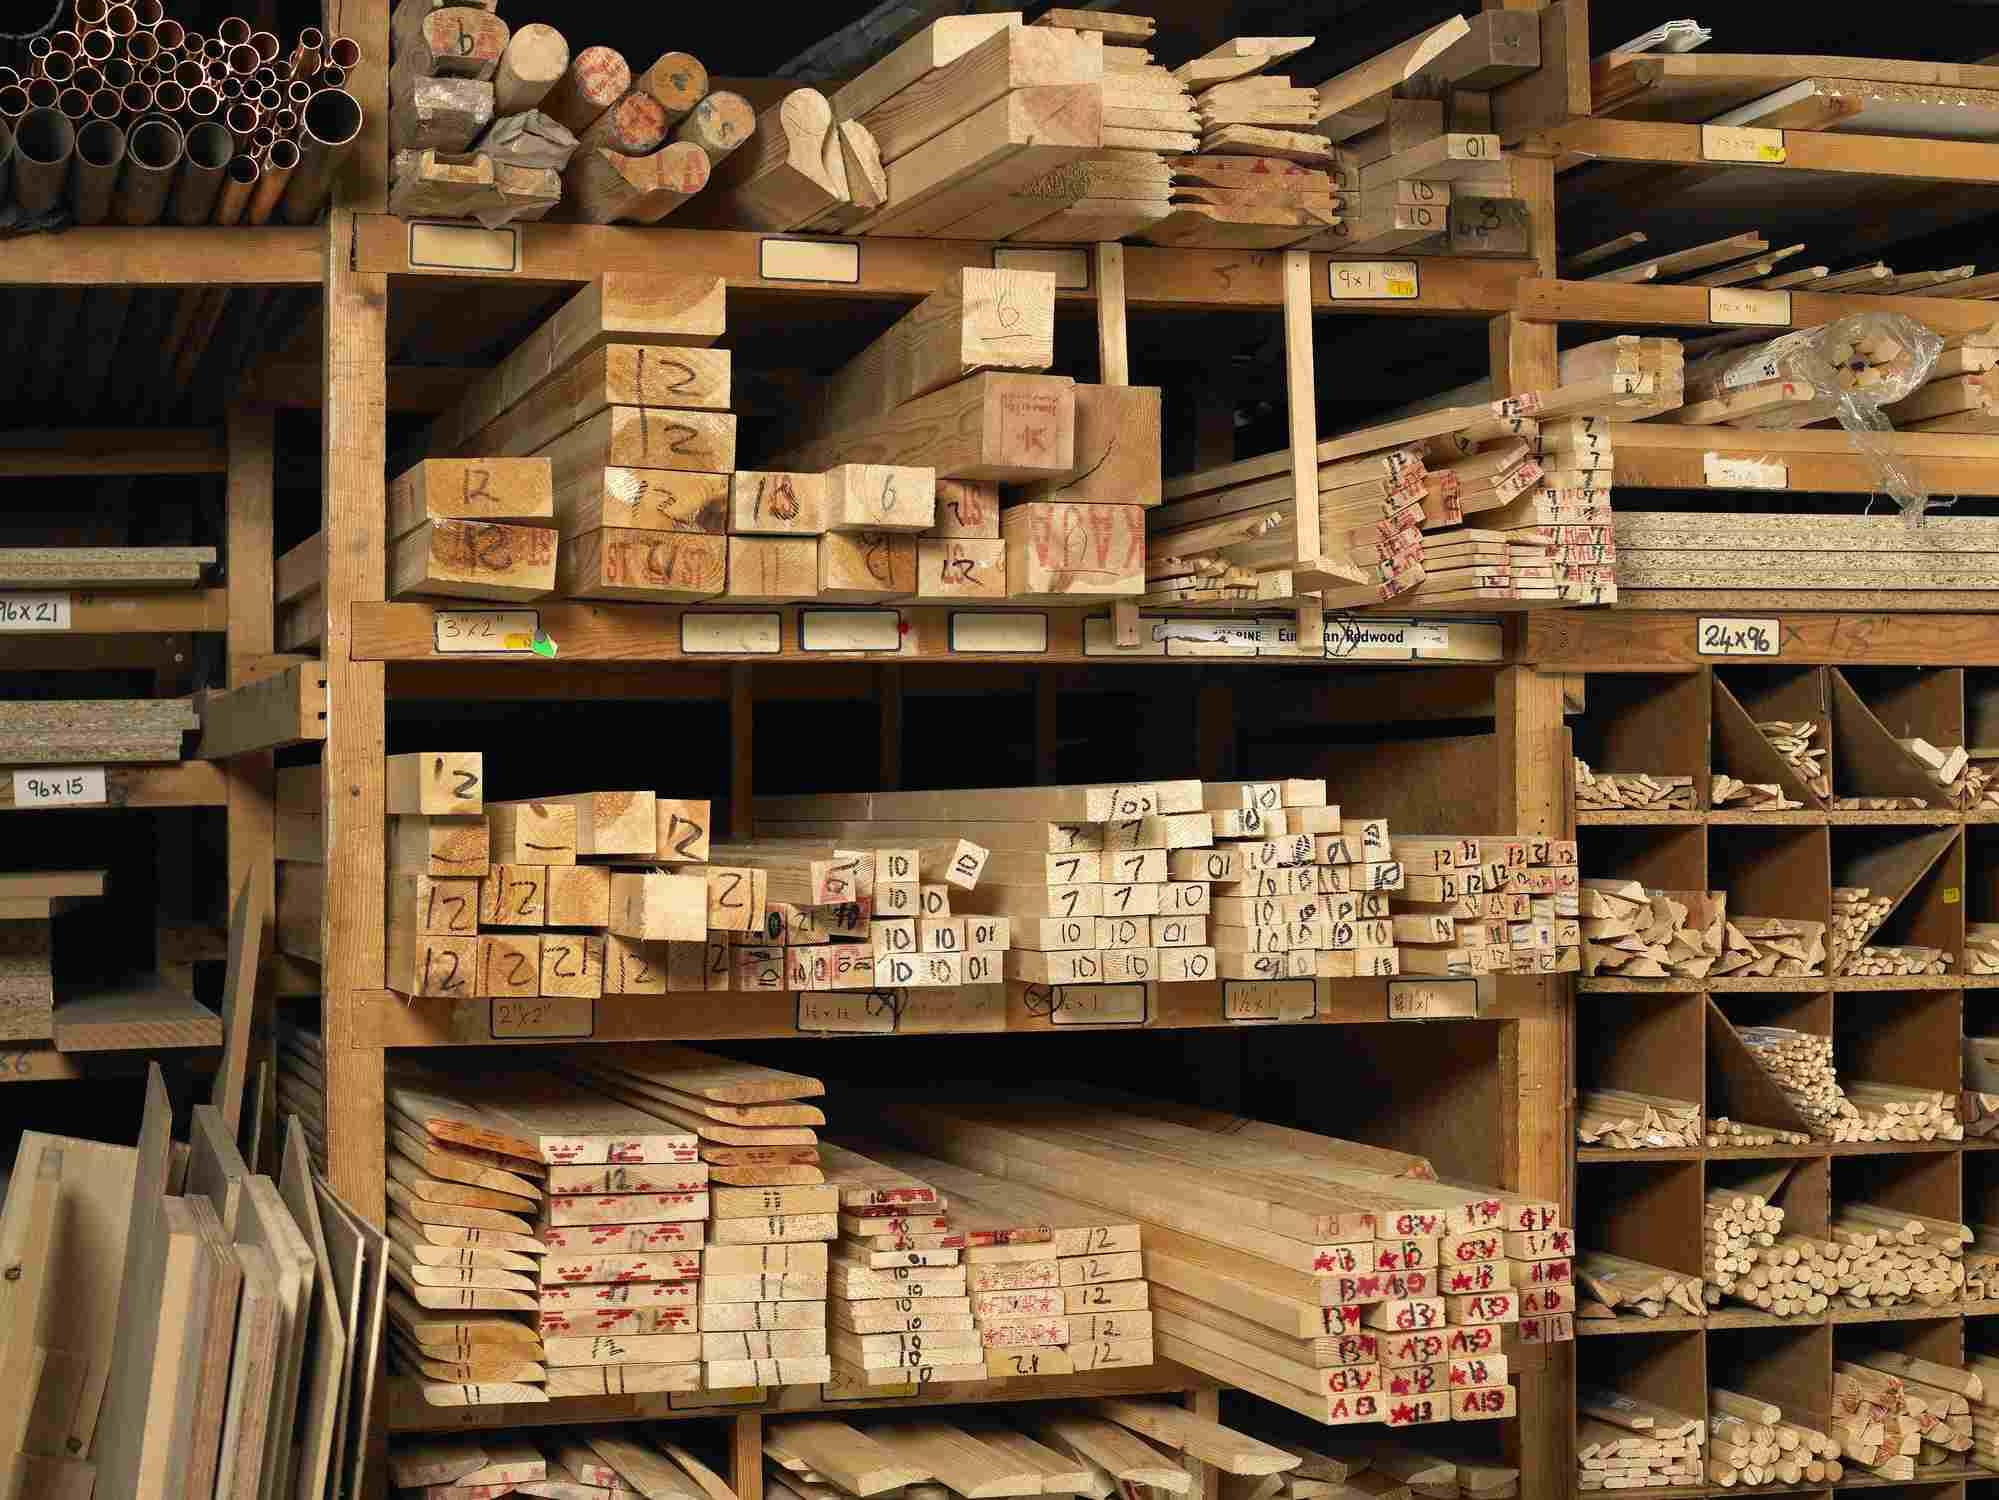 Rack of Wood